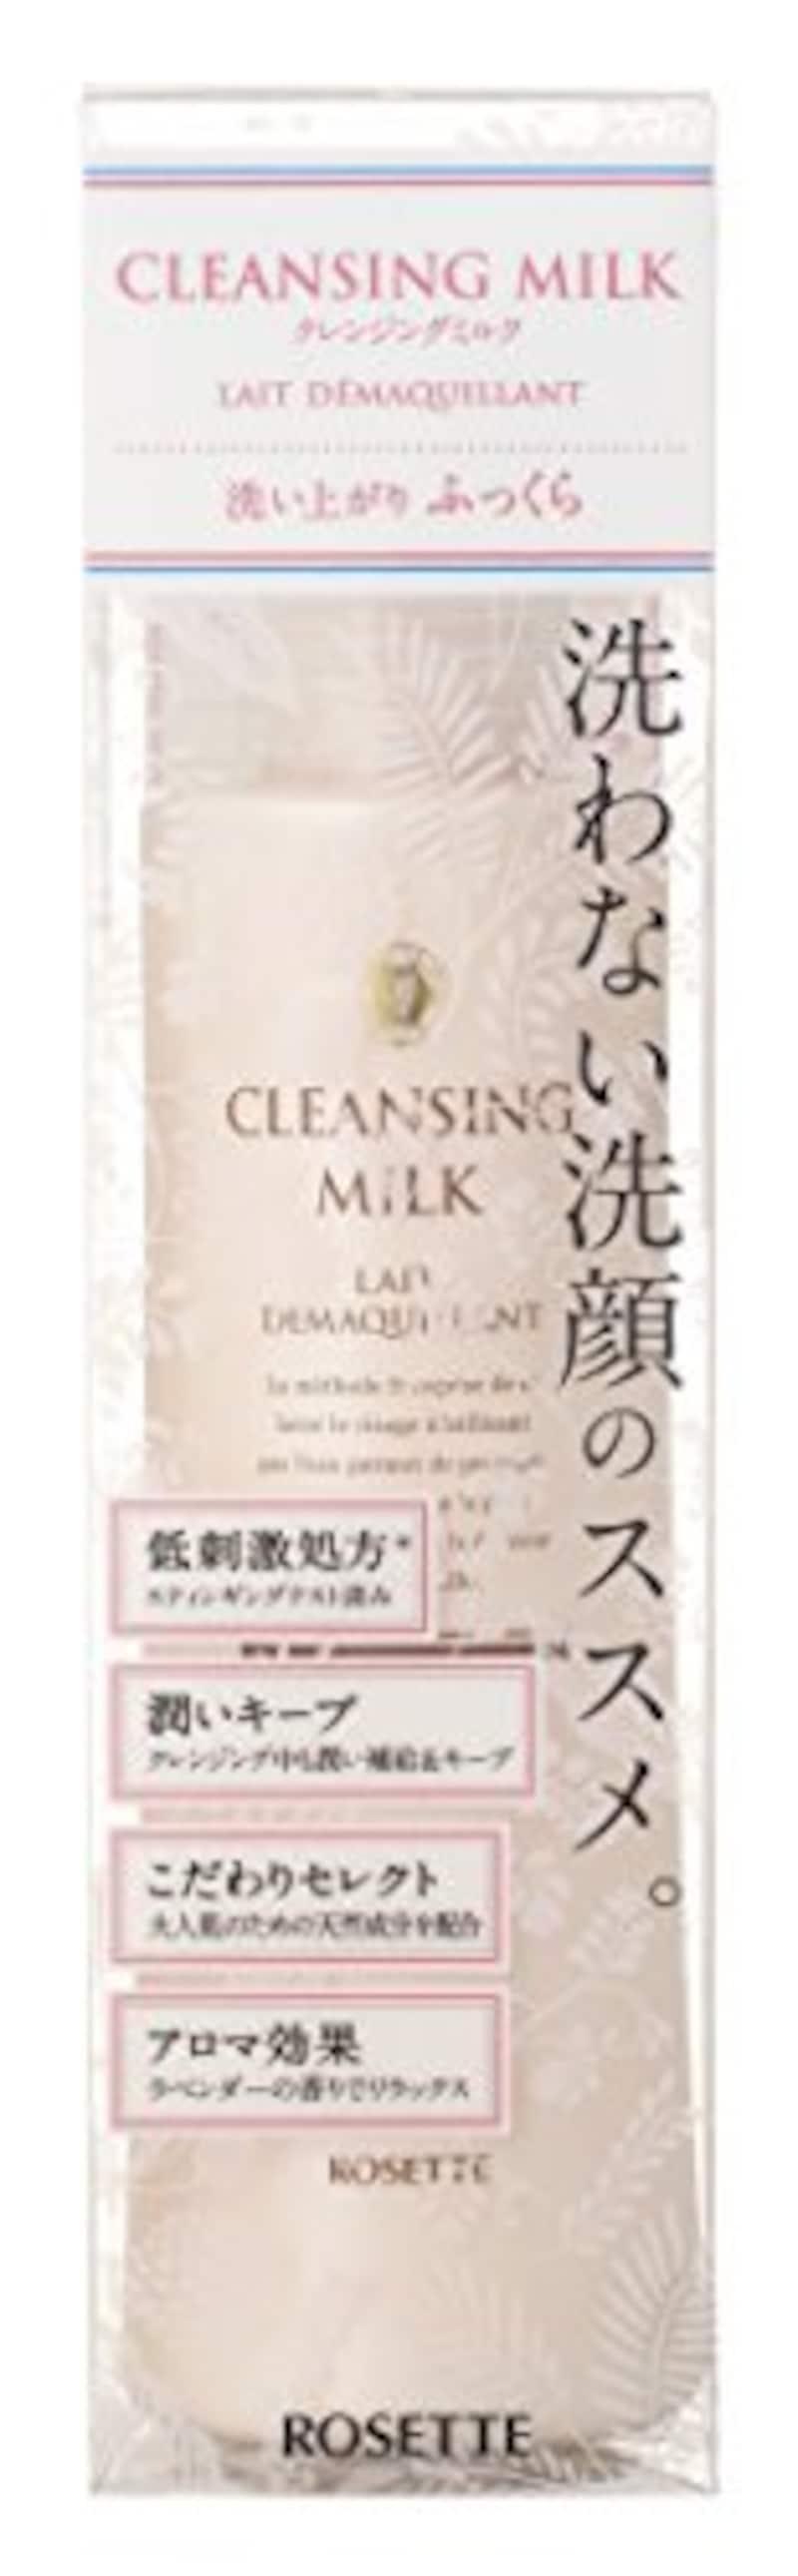 ロゼット,クレンジングミルク